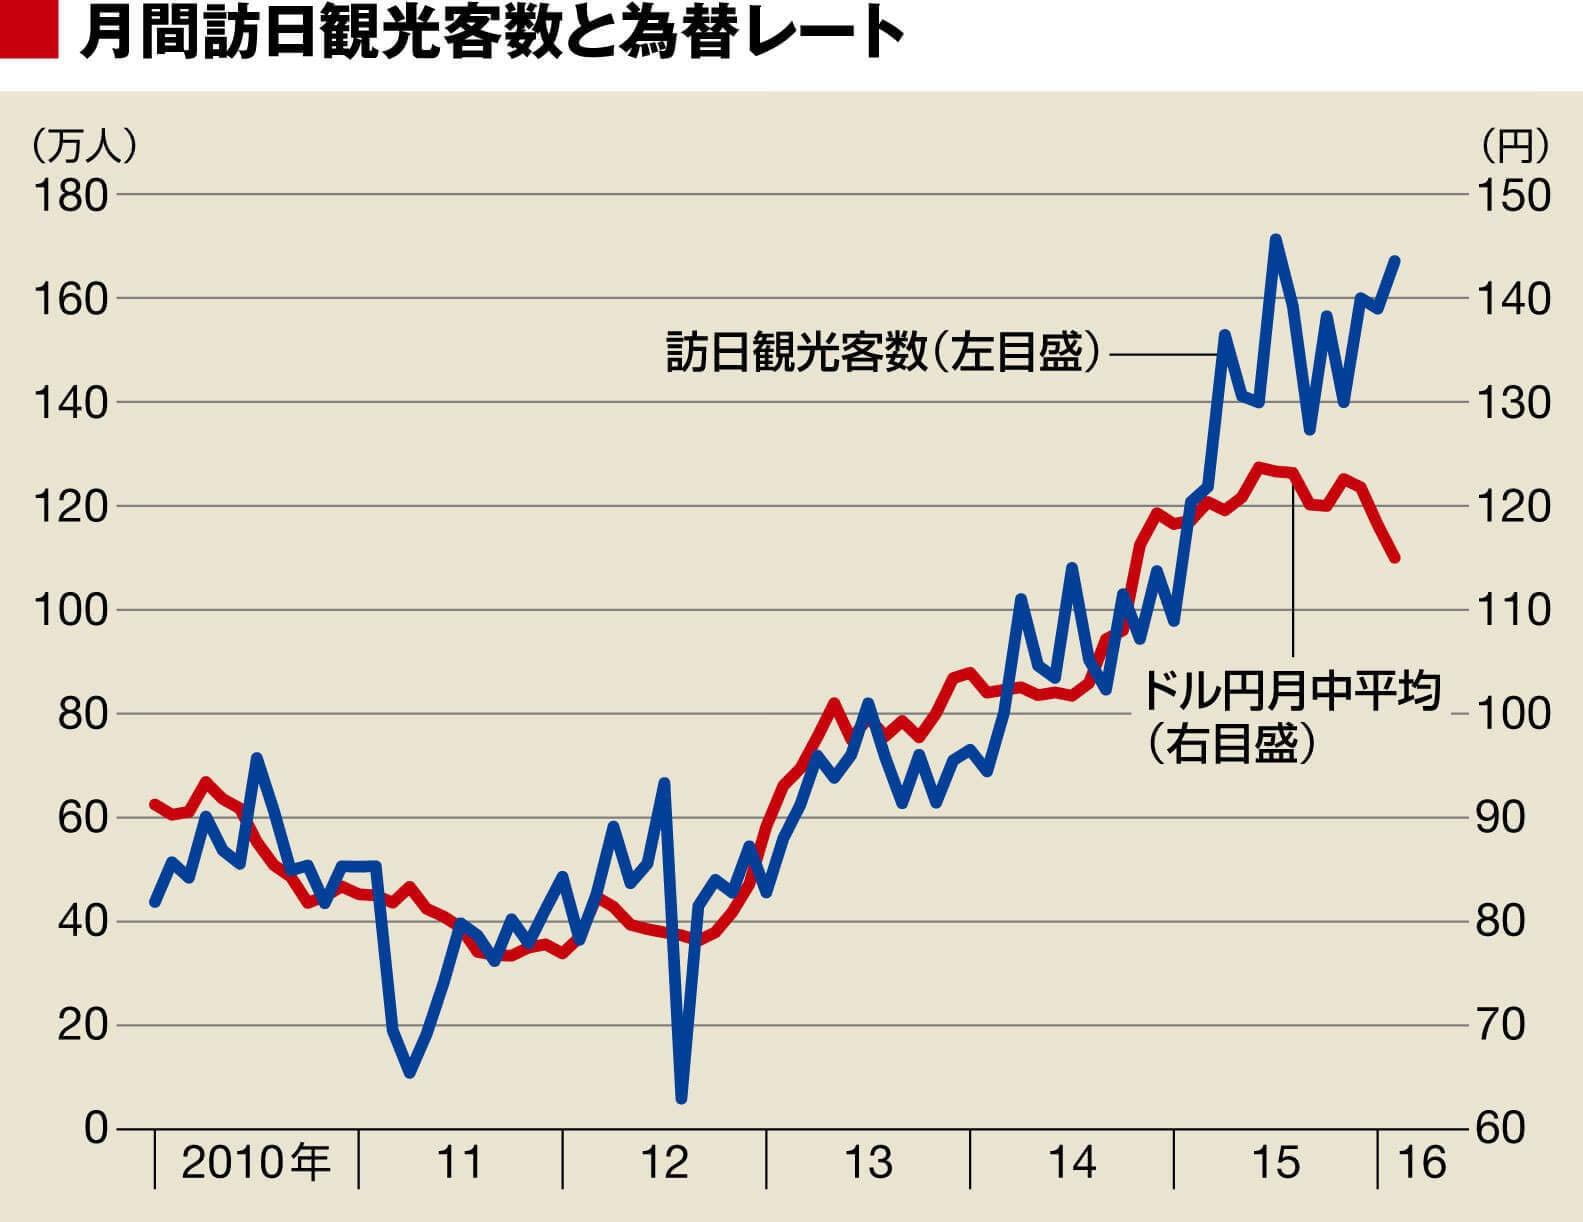 月間訪日観光客数と為替レート:東洋経済オンライン